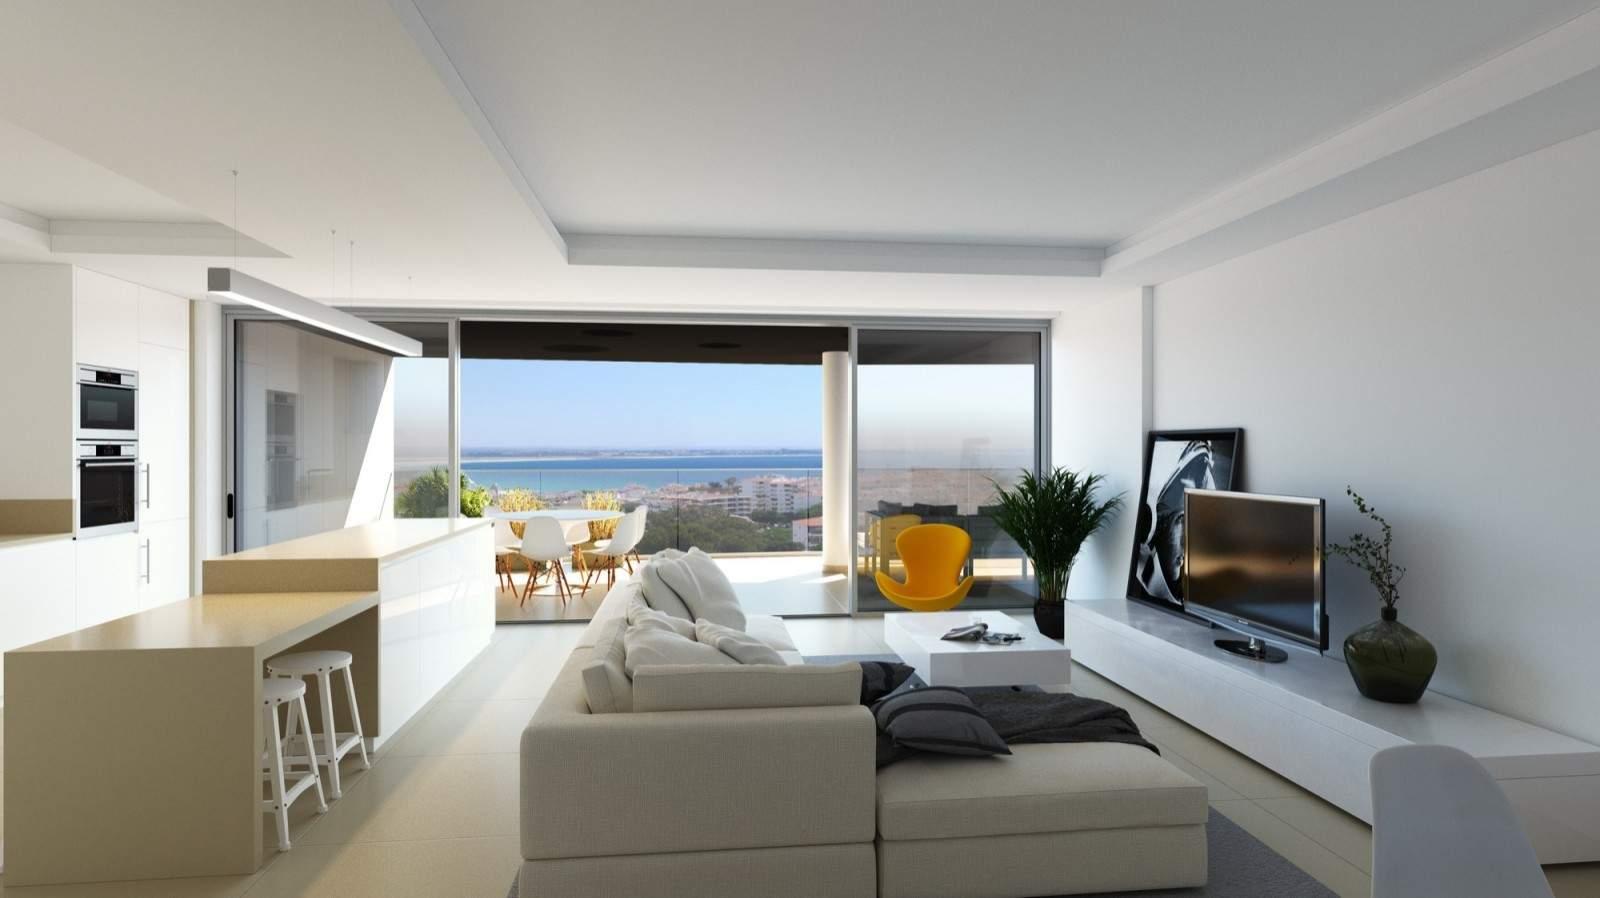 venda-de-apartamento-novo-com-piscina-e-vistas-de-mar-lagos-algarve